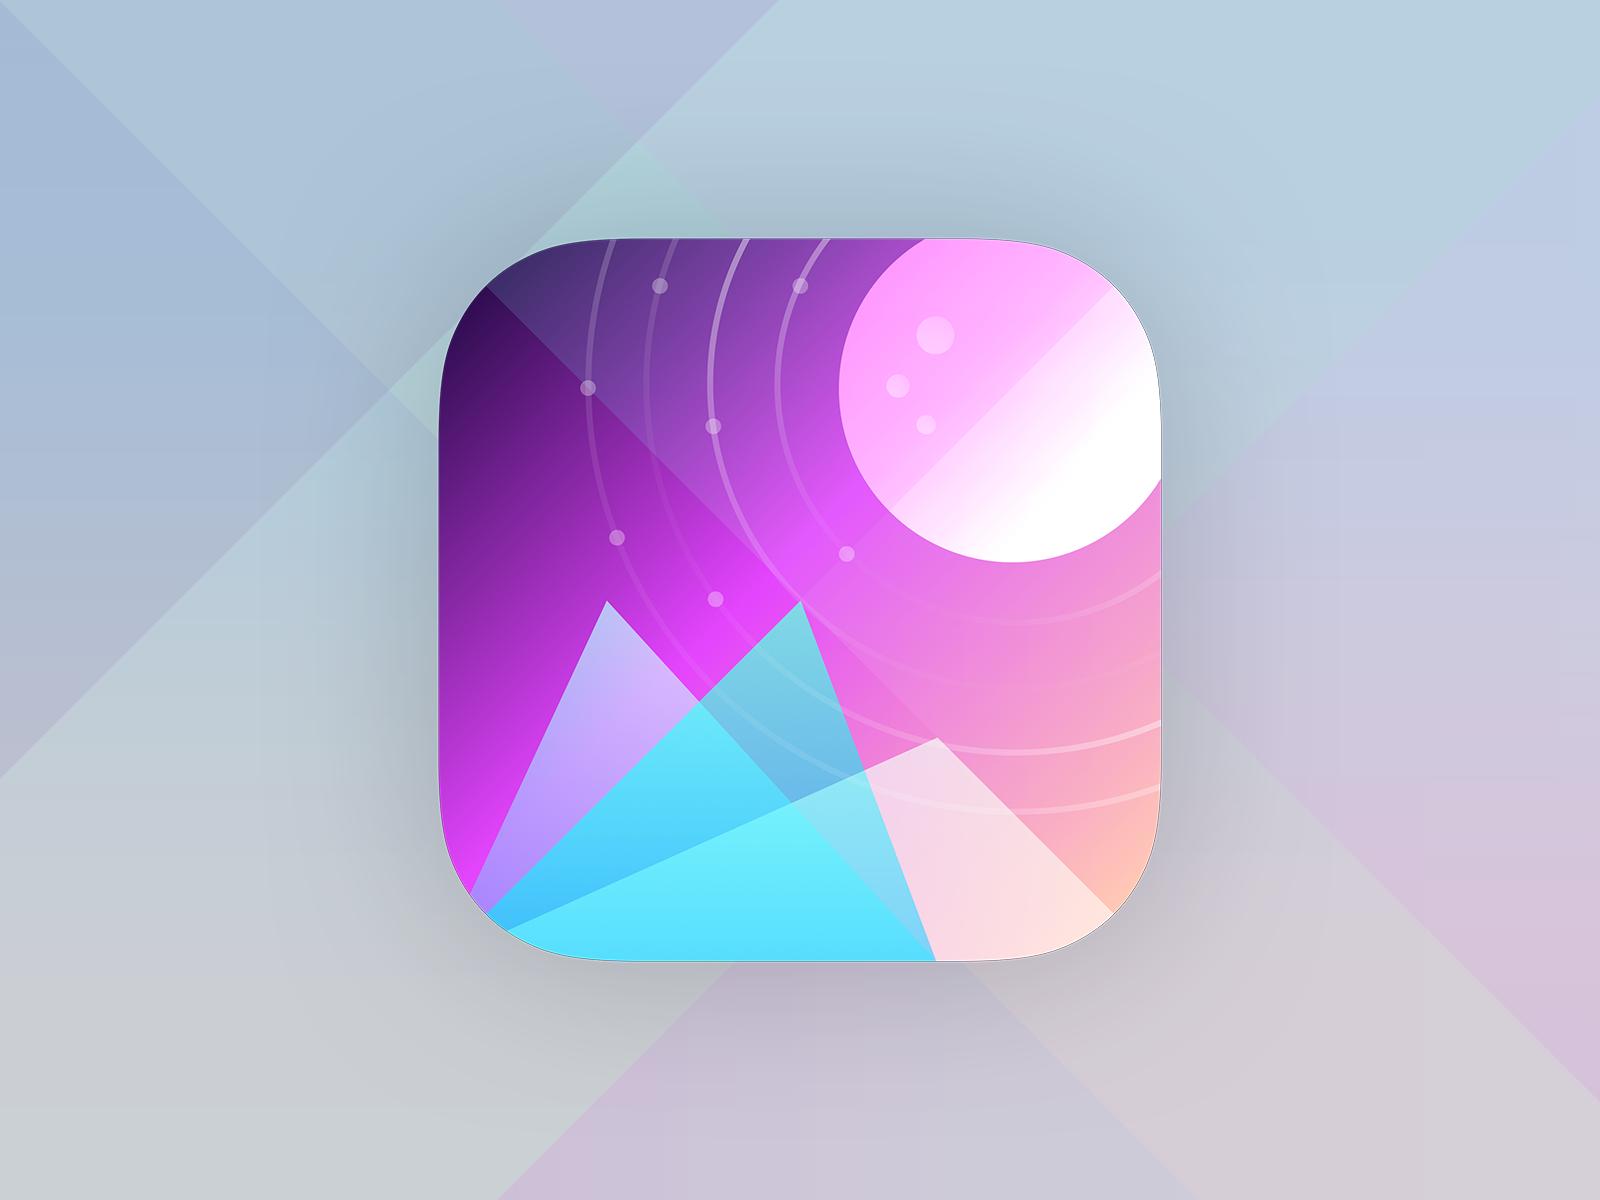 App icon design 4x